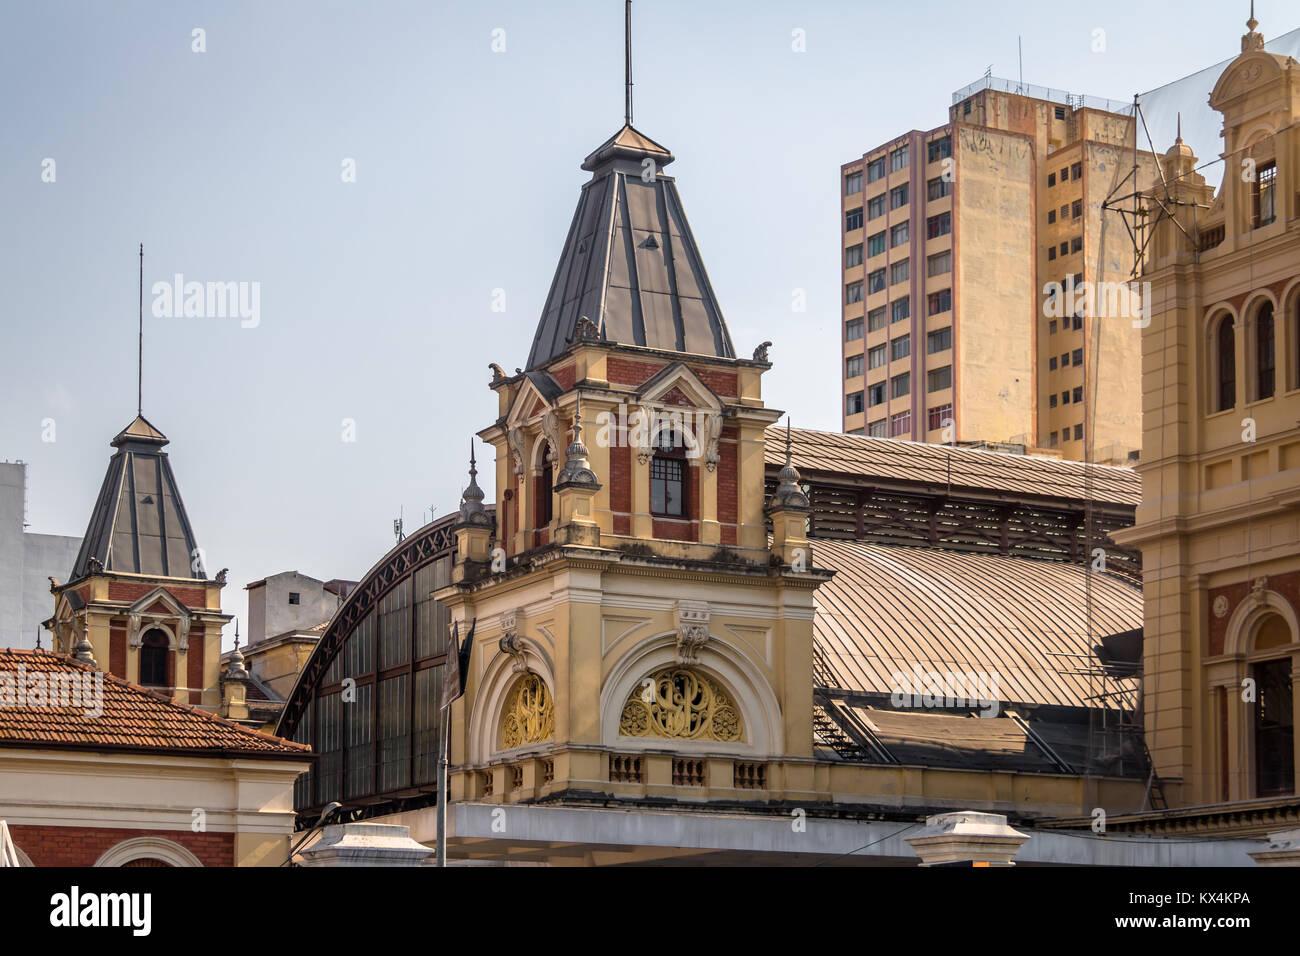 Luz stazione Tower - Sao Paulo, Brasile Immagini Stock